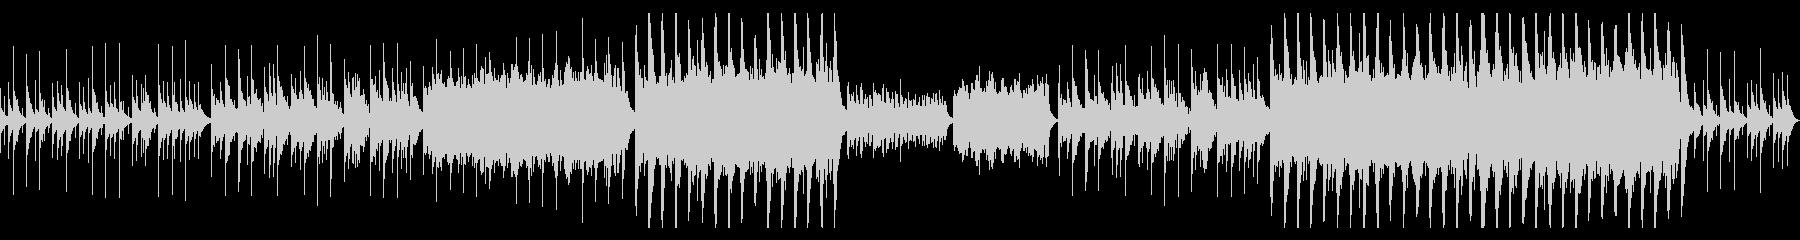 ハロウィン・ループ可・可愛く怪しく壮大の未再生の波形